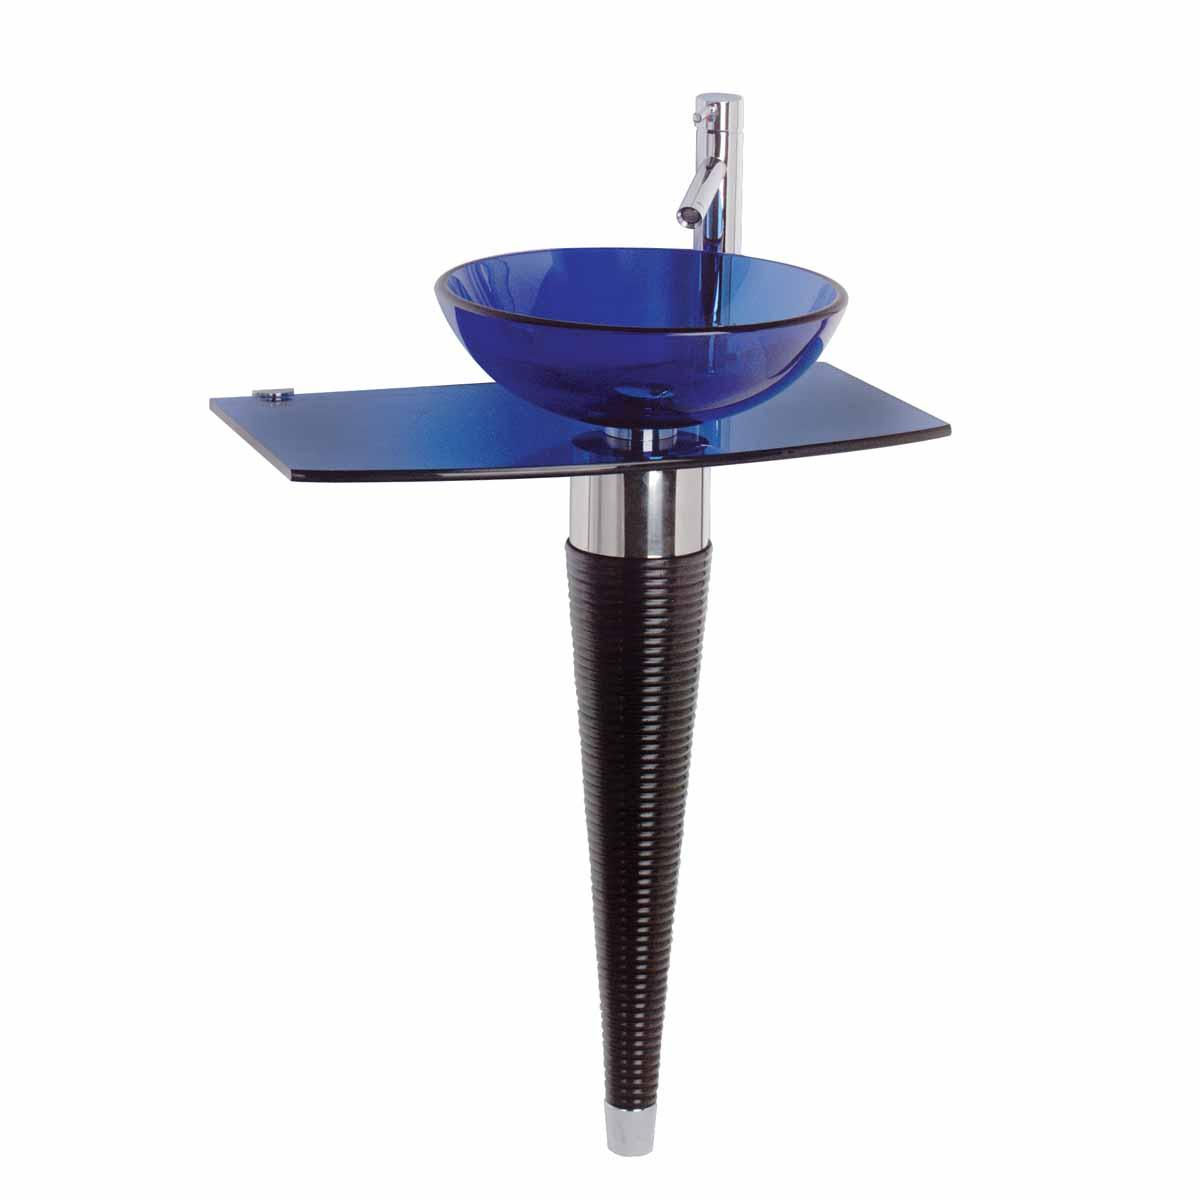 Glass Sink : item index glass sinks itemno 10911 item name glass sinks blue glass ...